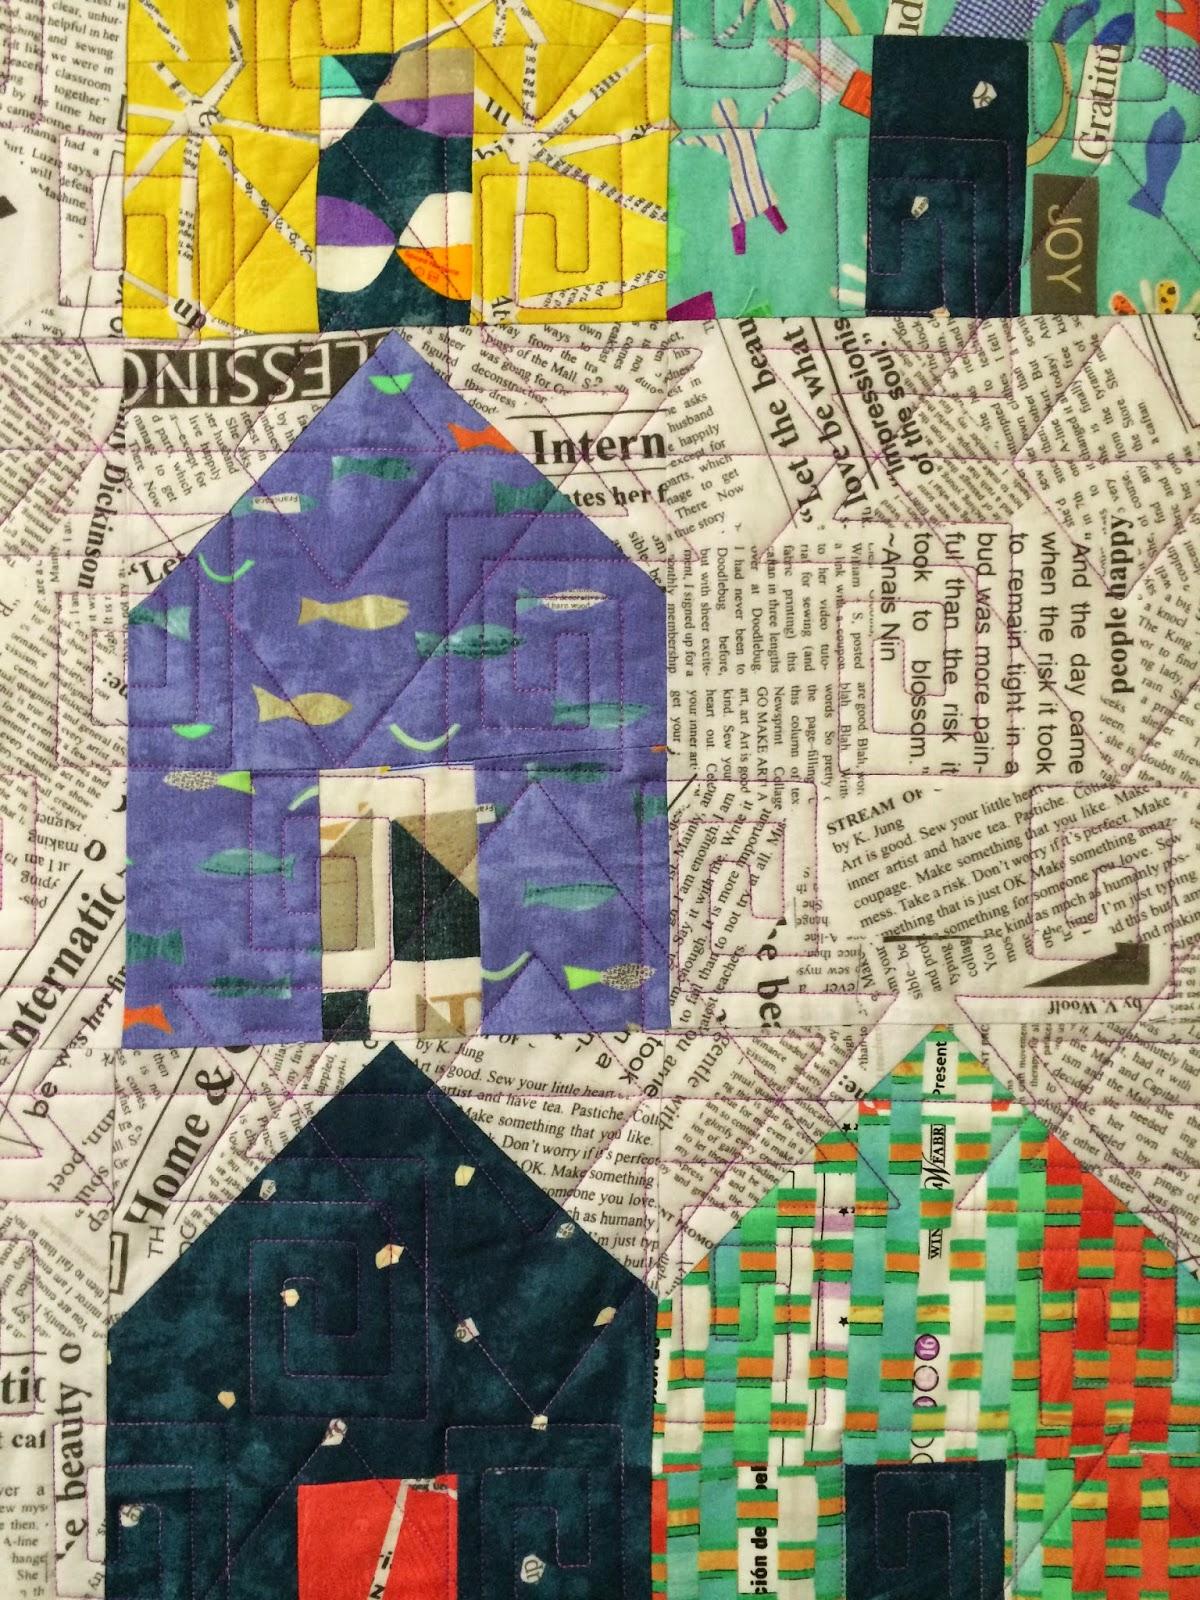 Danier Listyasari's Lots of Houses Quilt